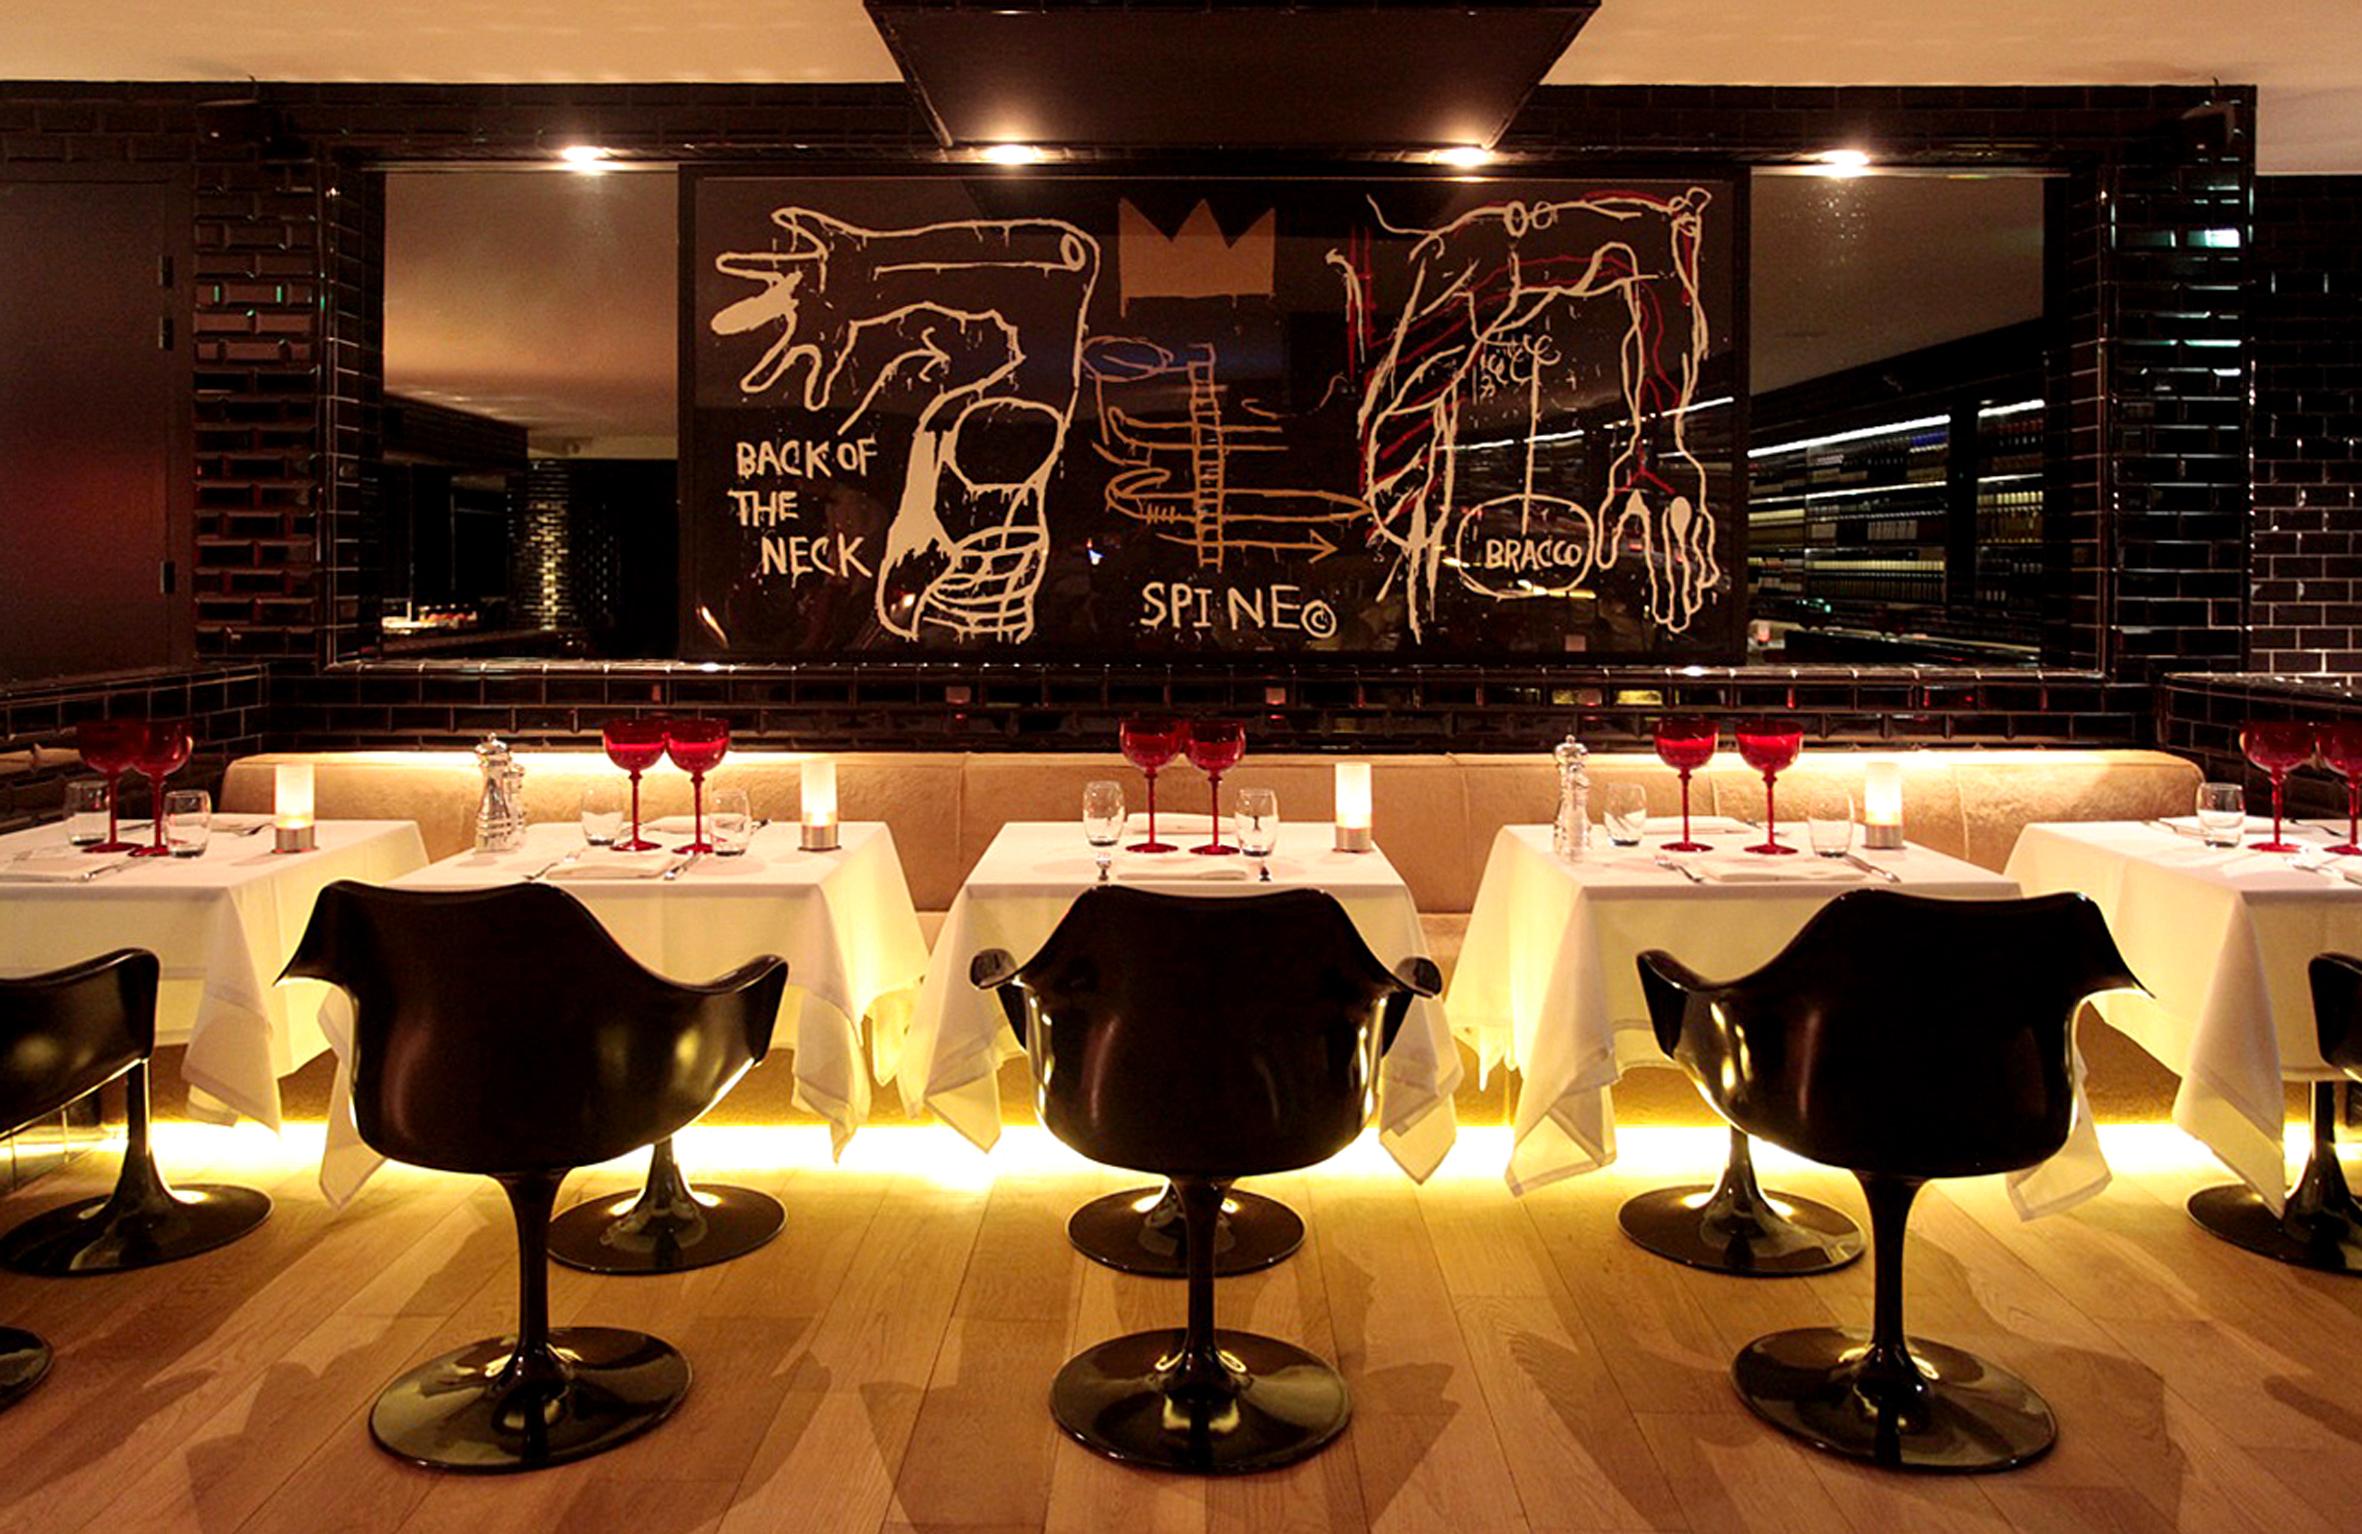 La gioia club vip room paris blendbureauxblendbureaux for Design vip chambre mario jean